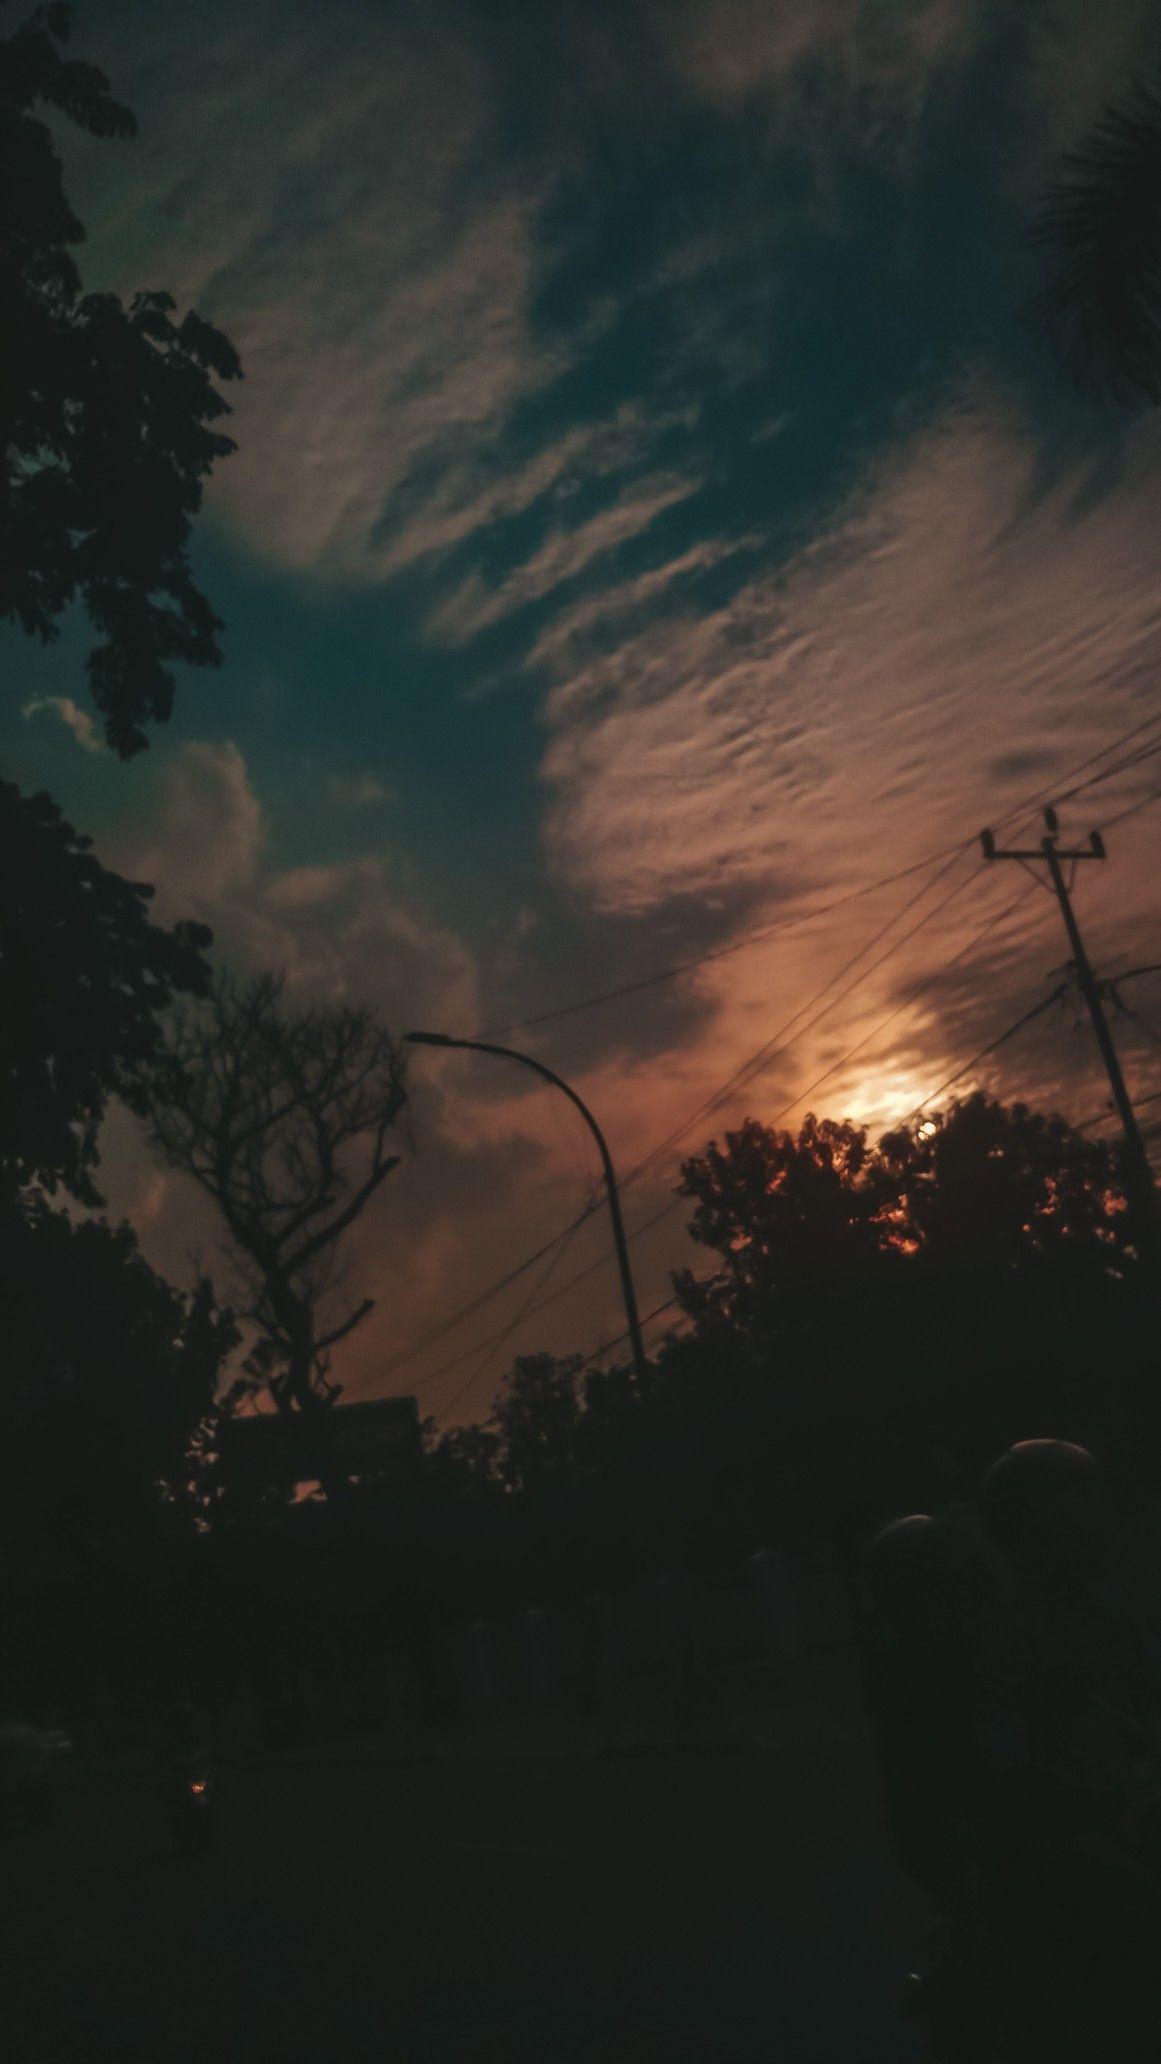 Gambar mungkin berisi awan langit dan luar ruangan sky aesthetic. 40 Gambar Background Aesthetic Langit Koleksi Bunga Hd